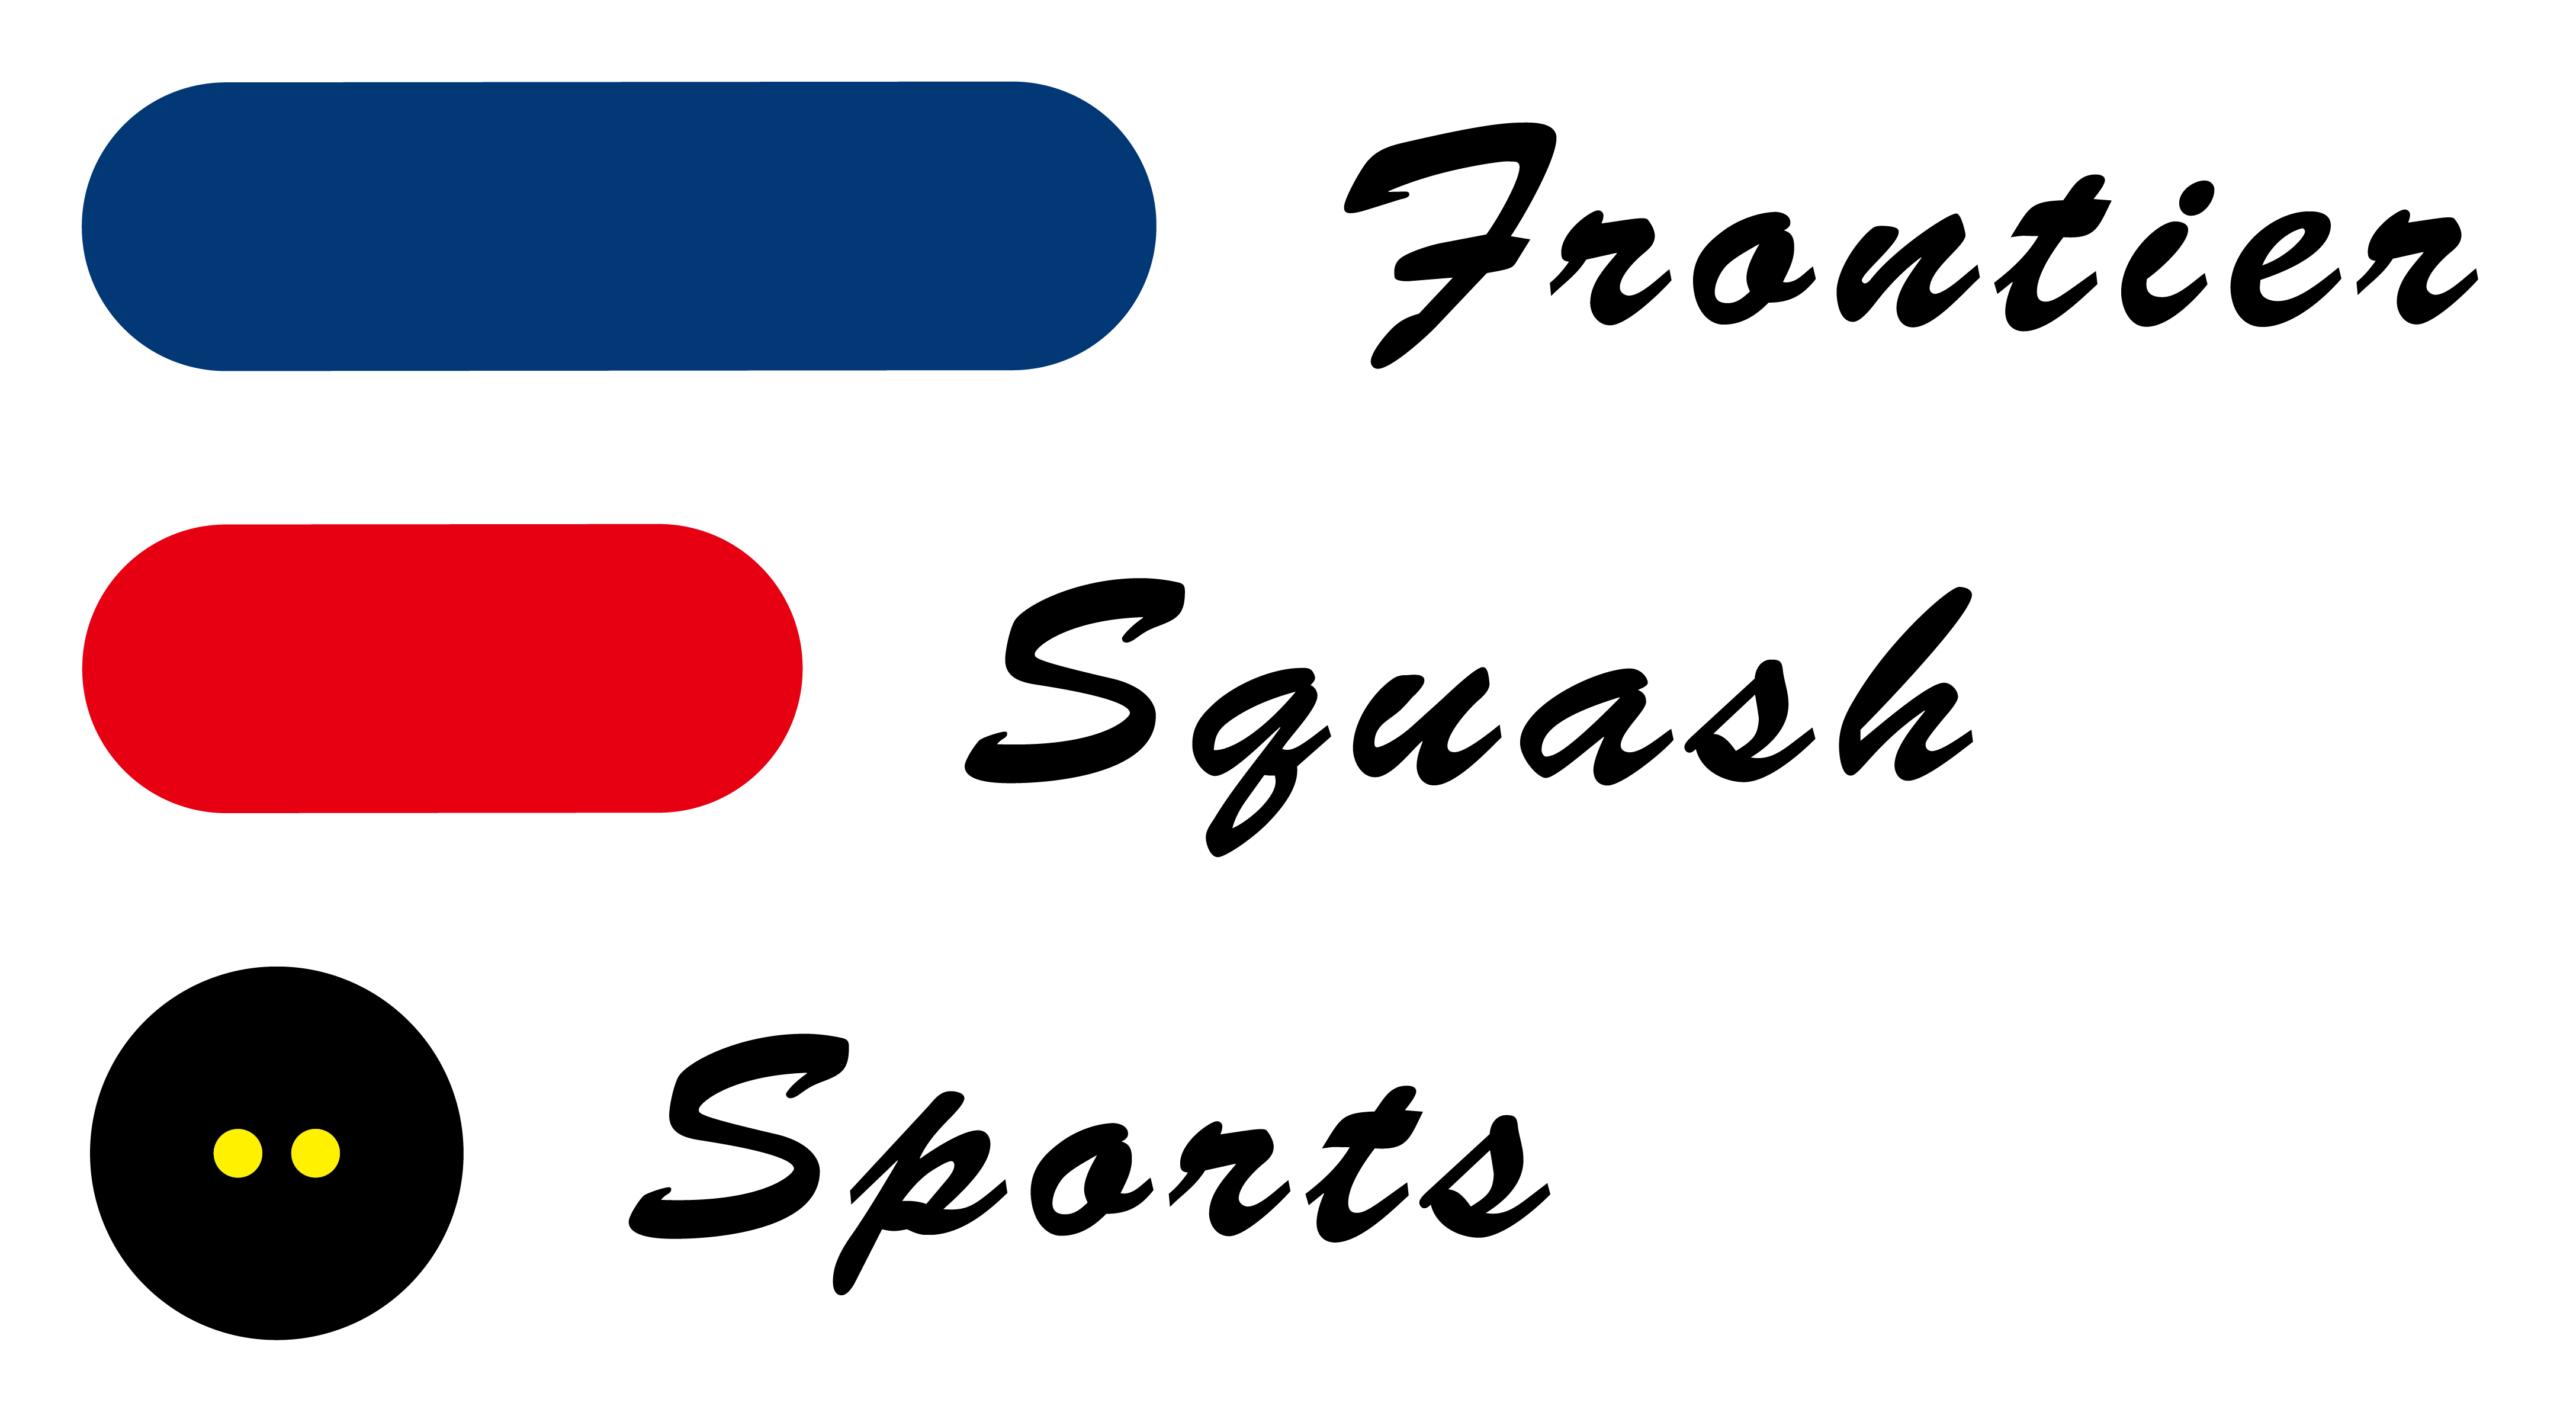 スポーツ系サービスとシンプルと茶のロゴ